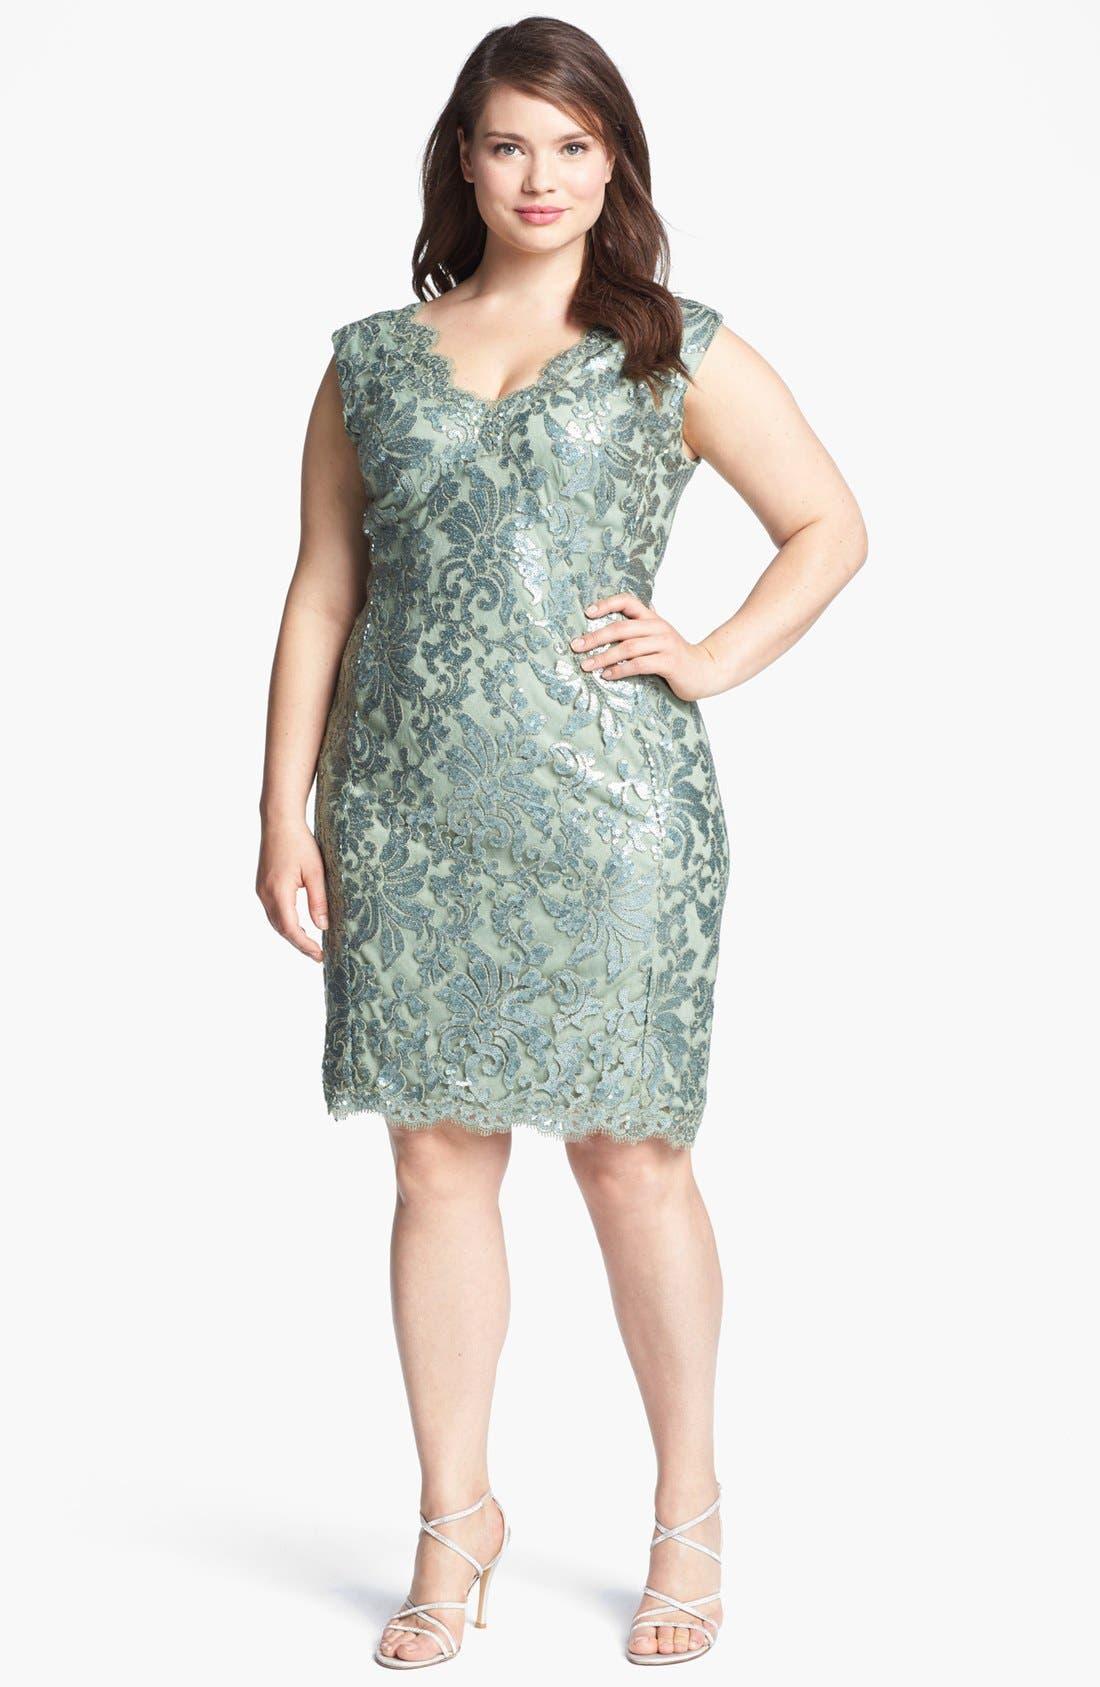 Alternate Image 1 Selected - Tadashi Shoji Sequin Overlay Sheath Dress (Plus Size)